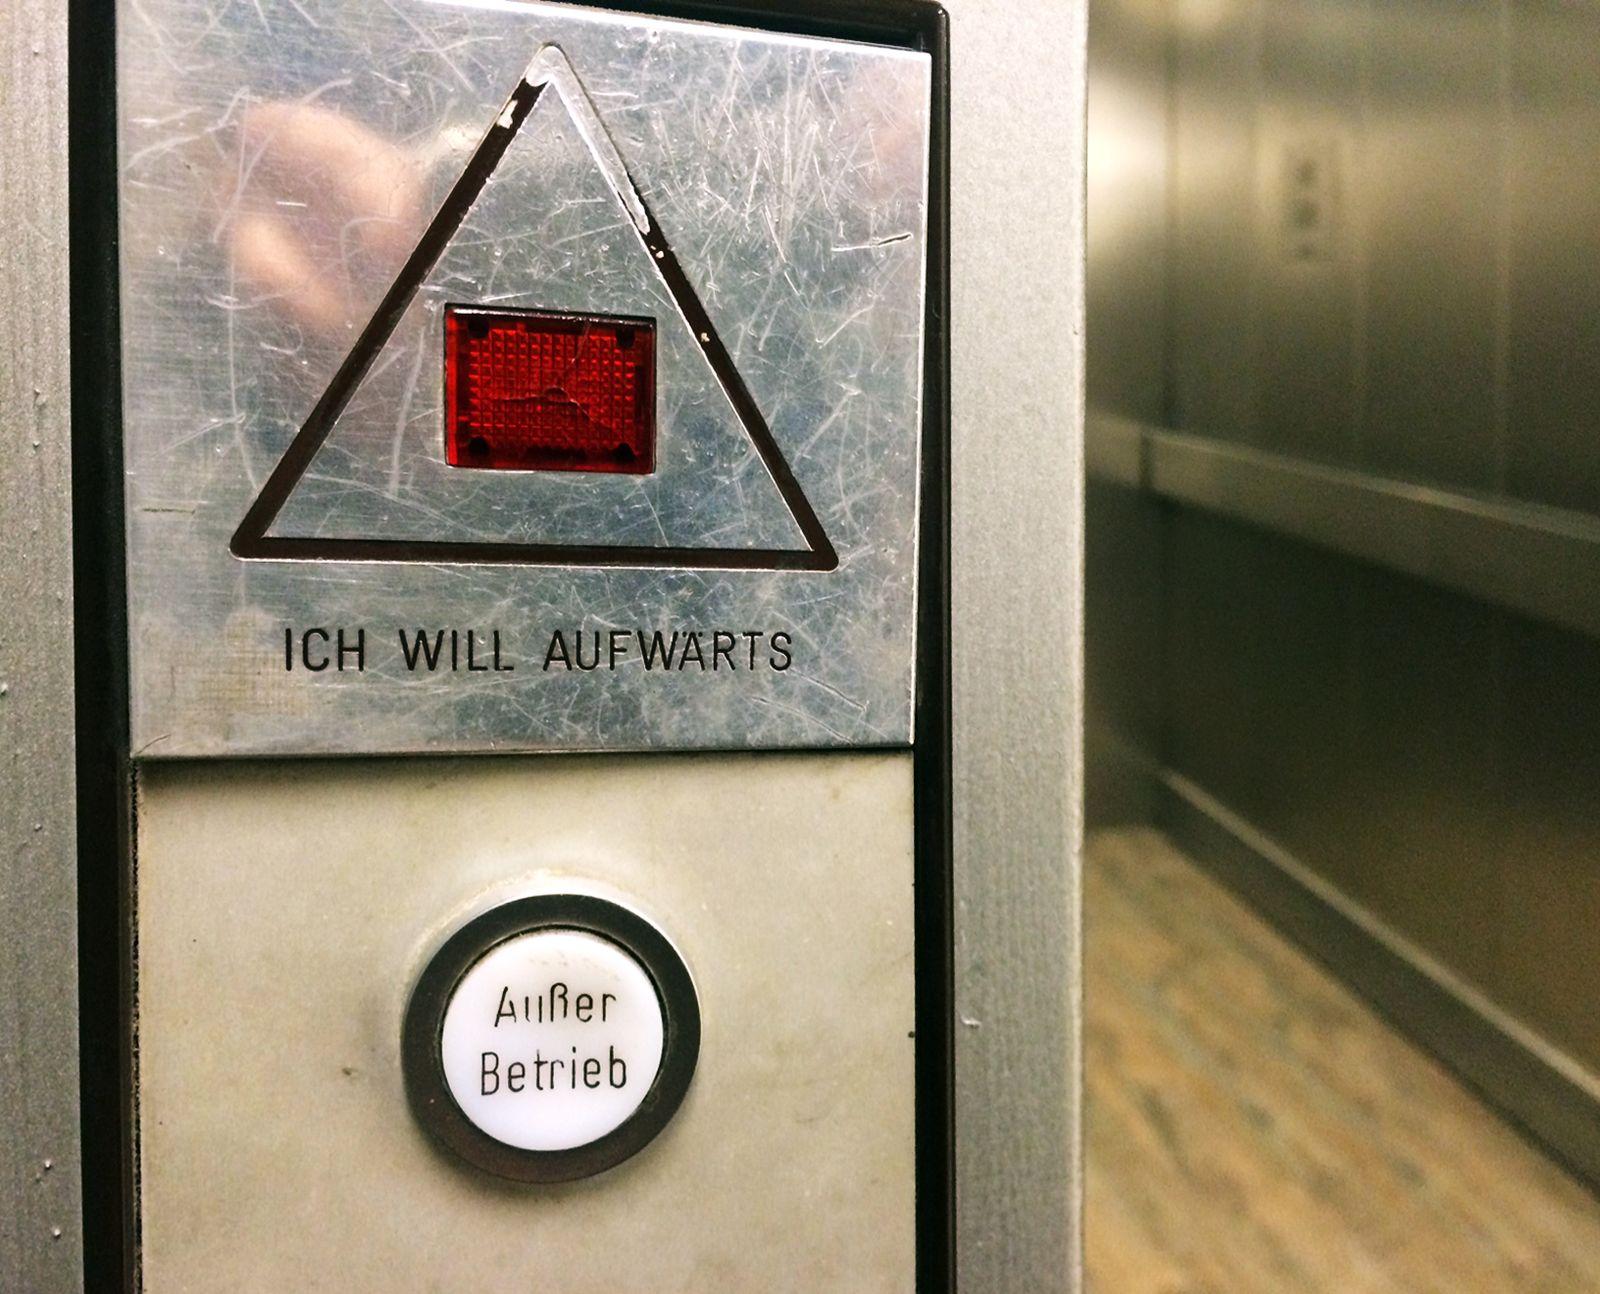 KaSP Fahrstuhl aufwärts / defekt SYMBOLBILD (Kopie)